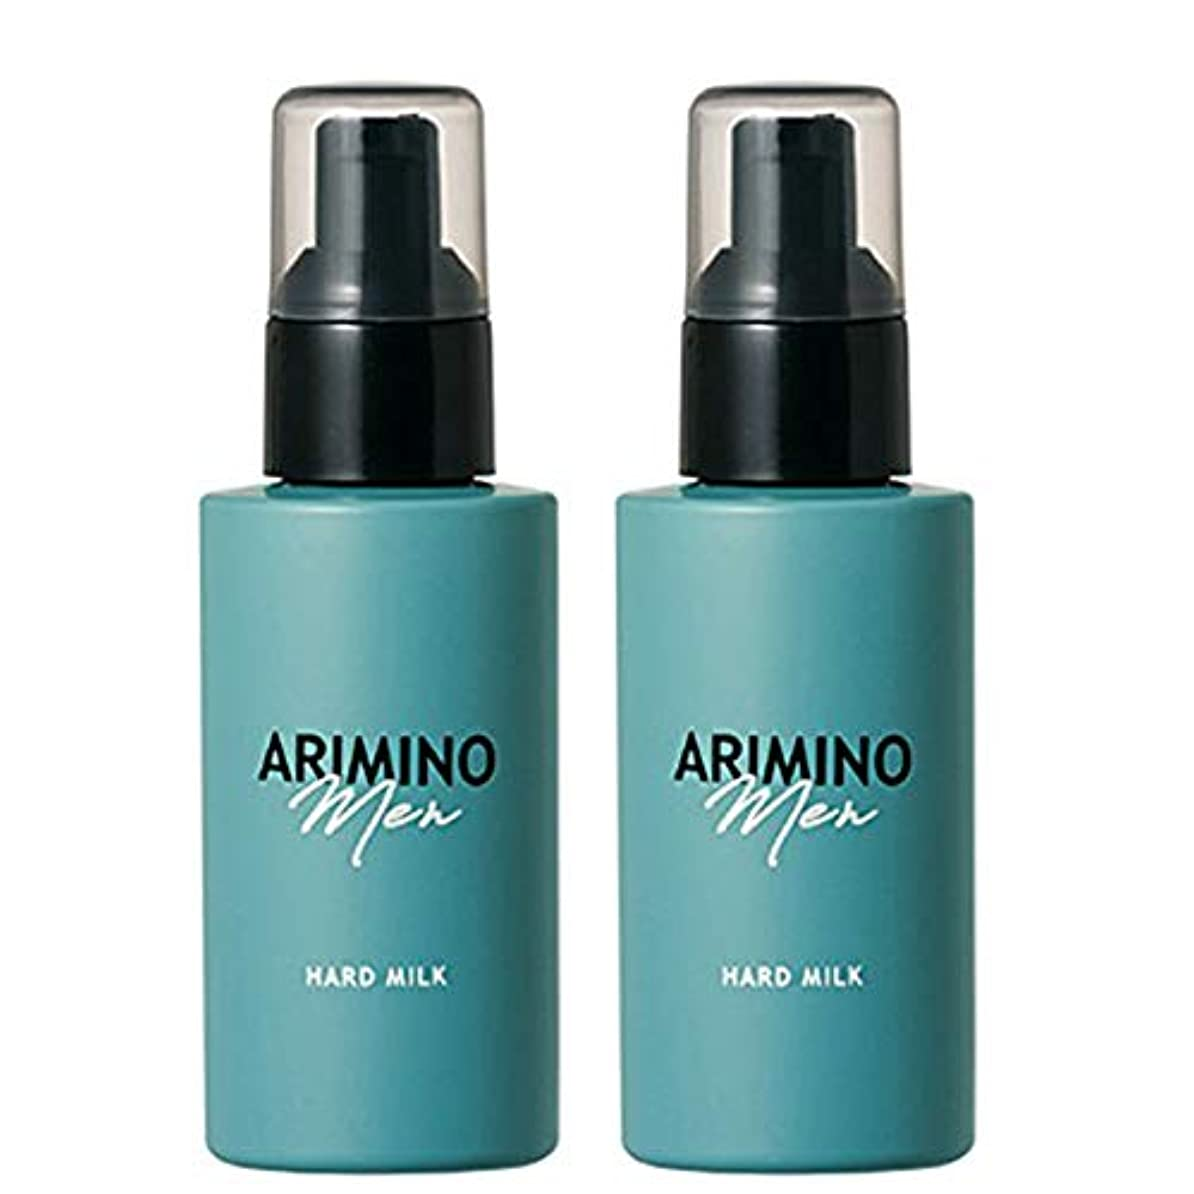 姓粘り強い分析アリミノ メン ハード ミルク 100g ×2個 セット arimino men